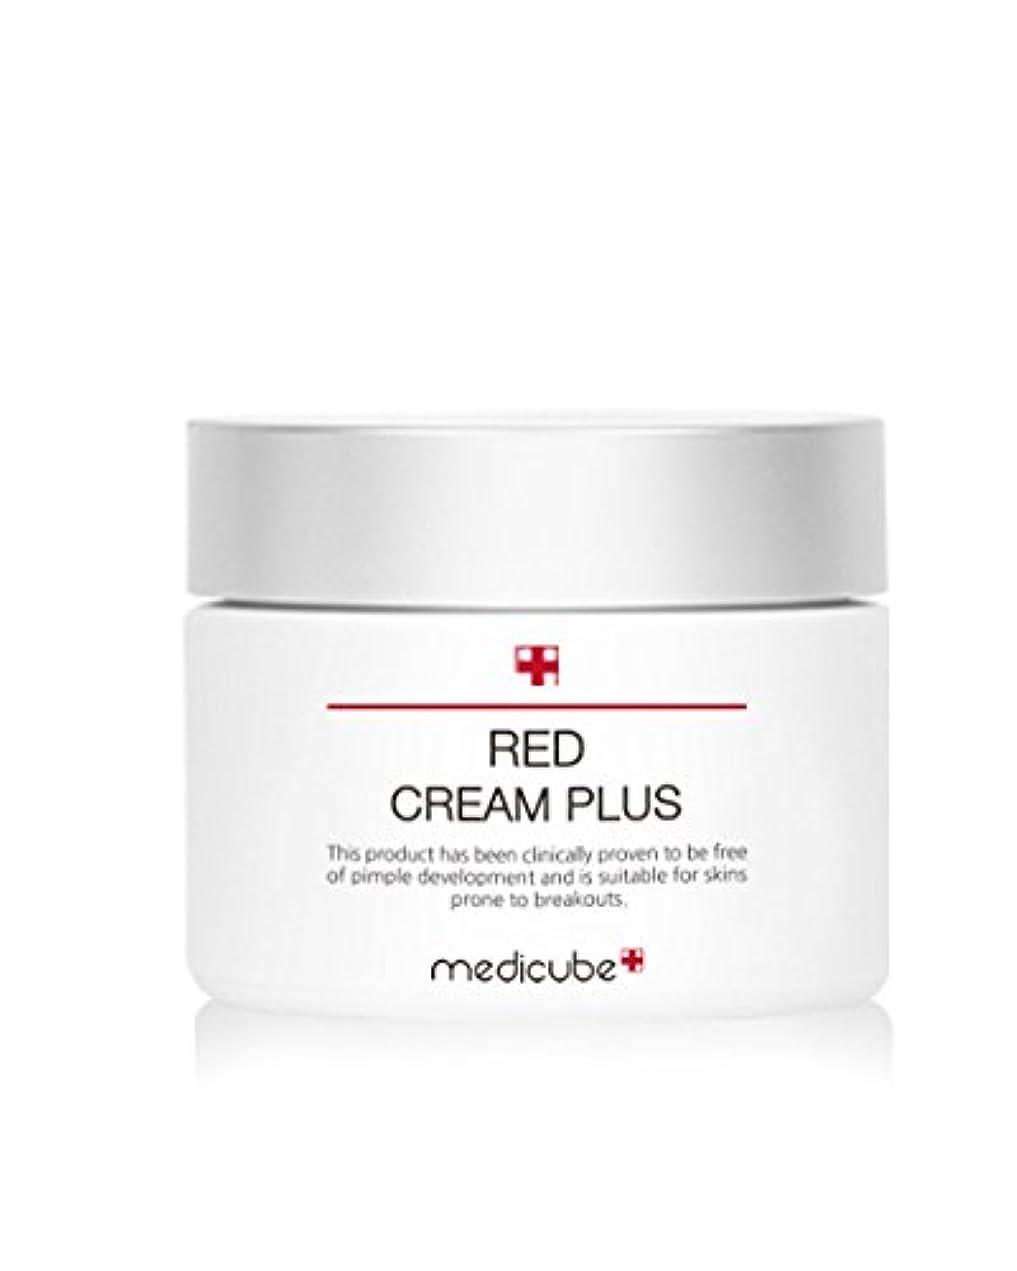 信号抜本的な切り刻む[Medicube]メディキューブ レッド クリーム プラス 大容量 100ml / Medicube Red Cream Plus 100ml [並行輸入品]